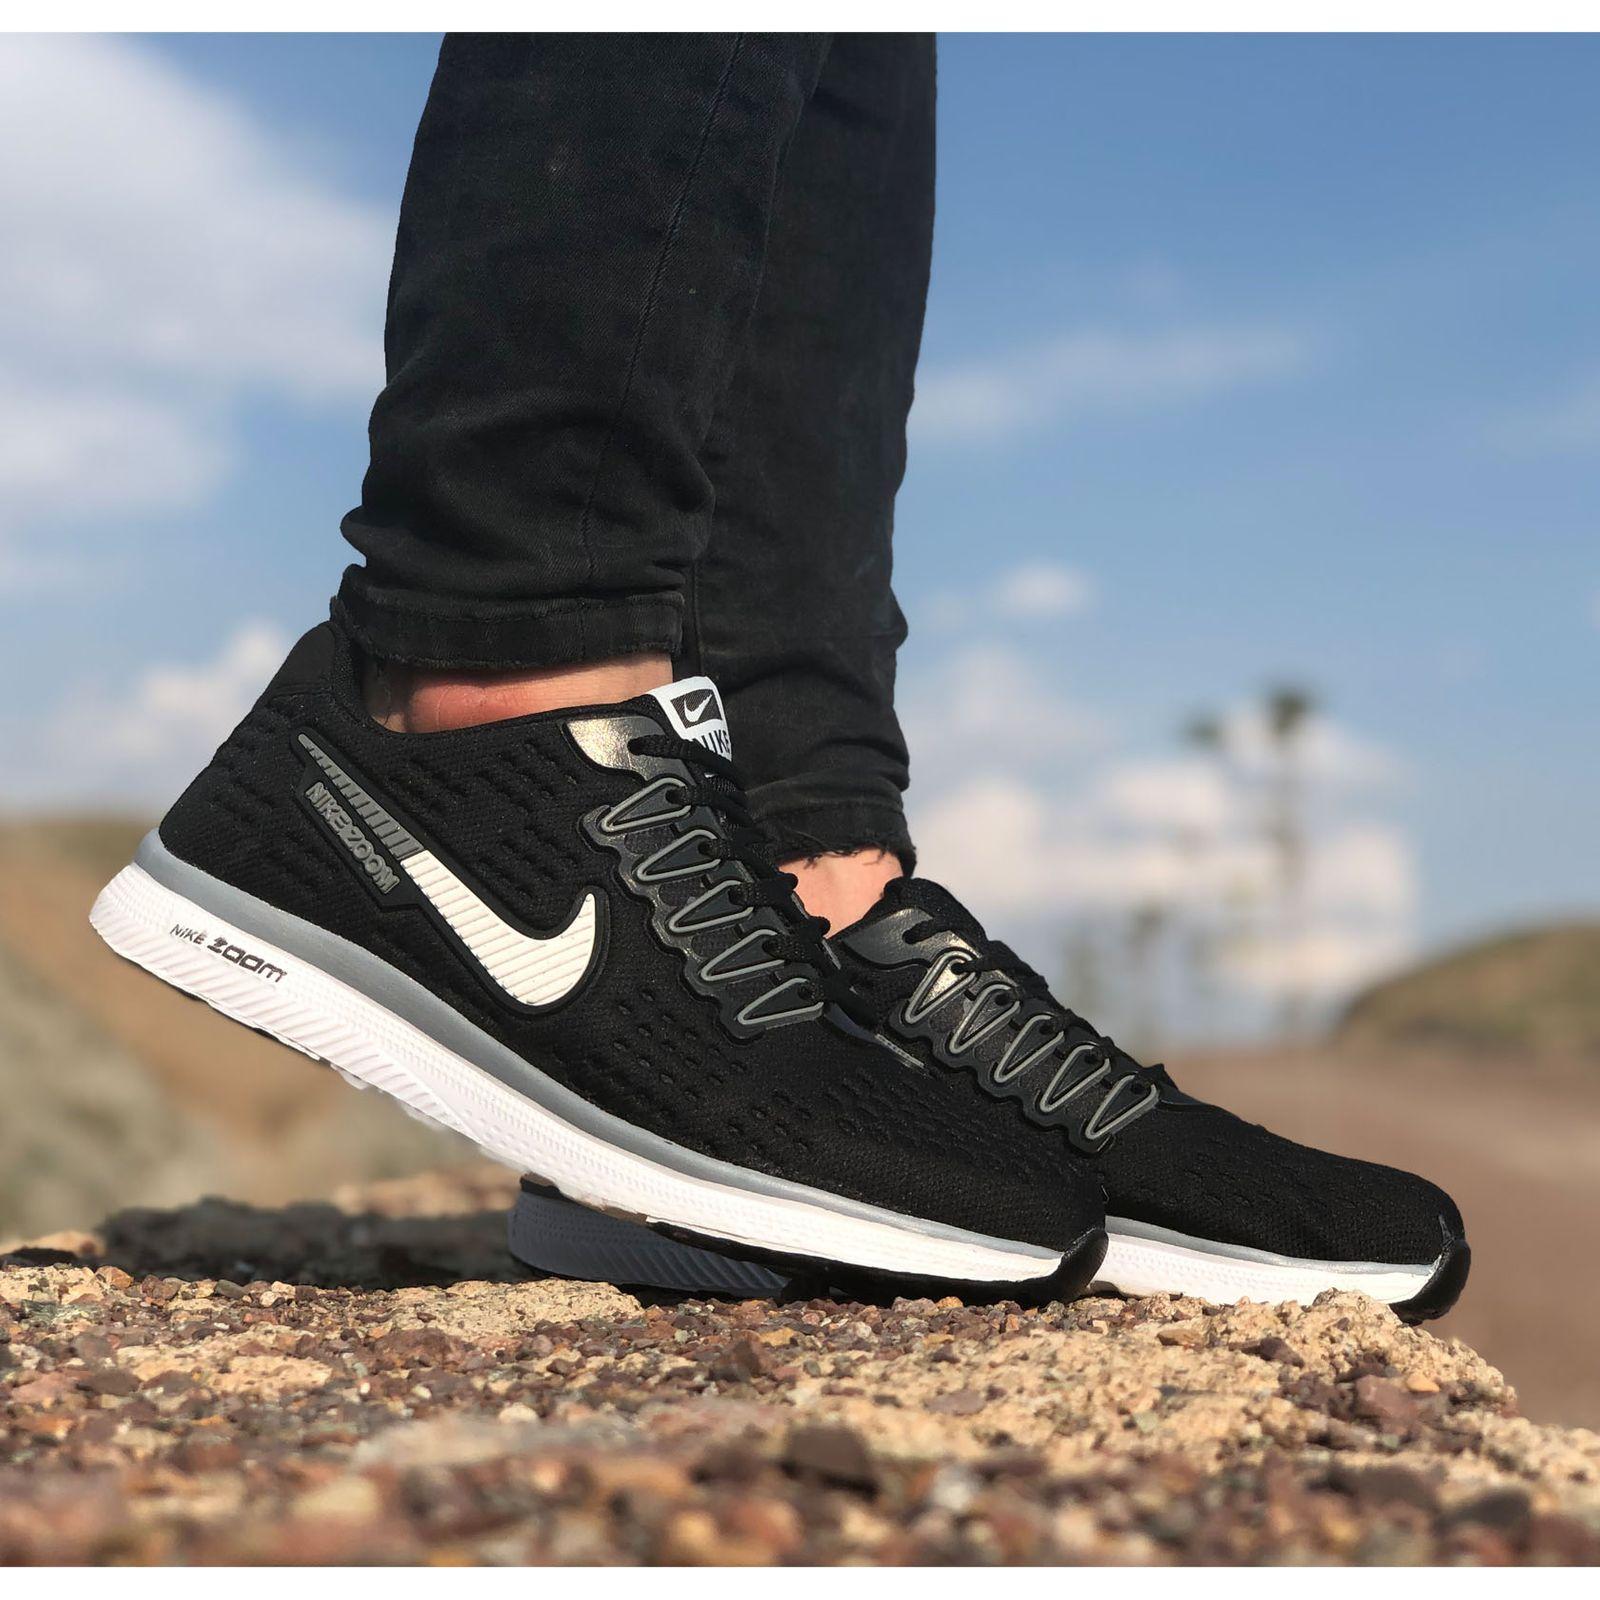 کفش مخصوص پیاده روی مردانه کد nk 200 main 1 7